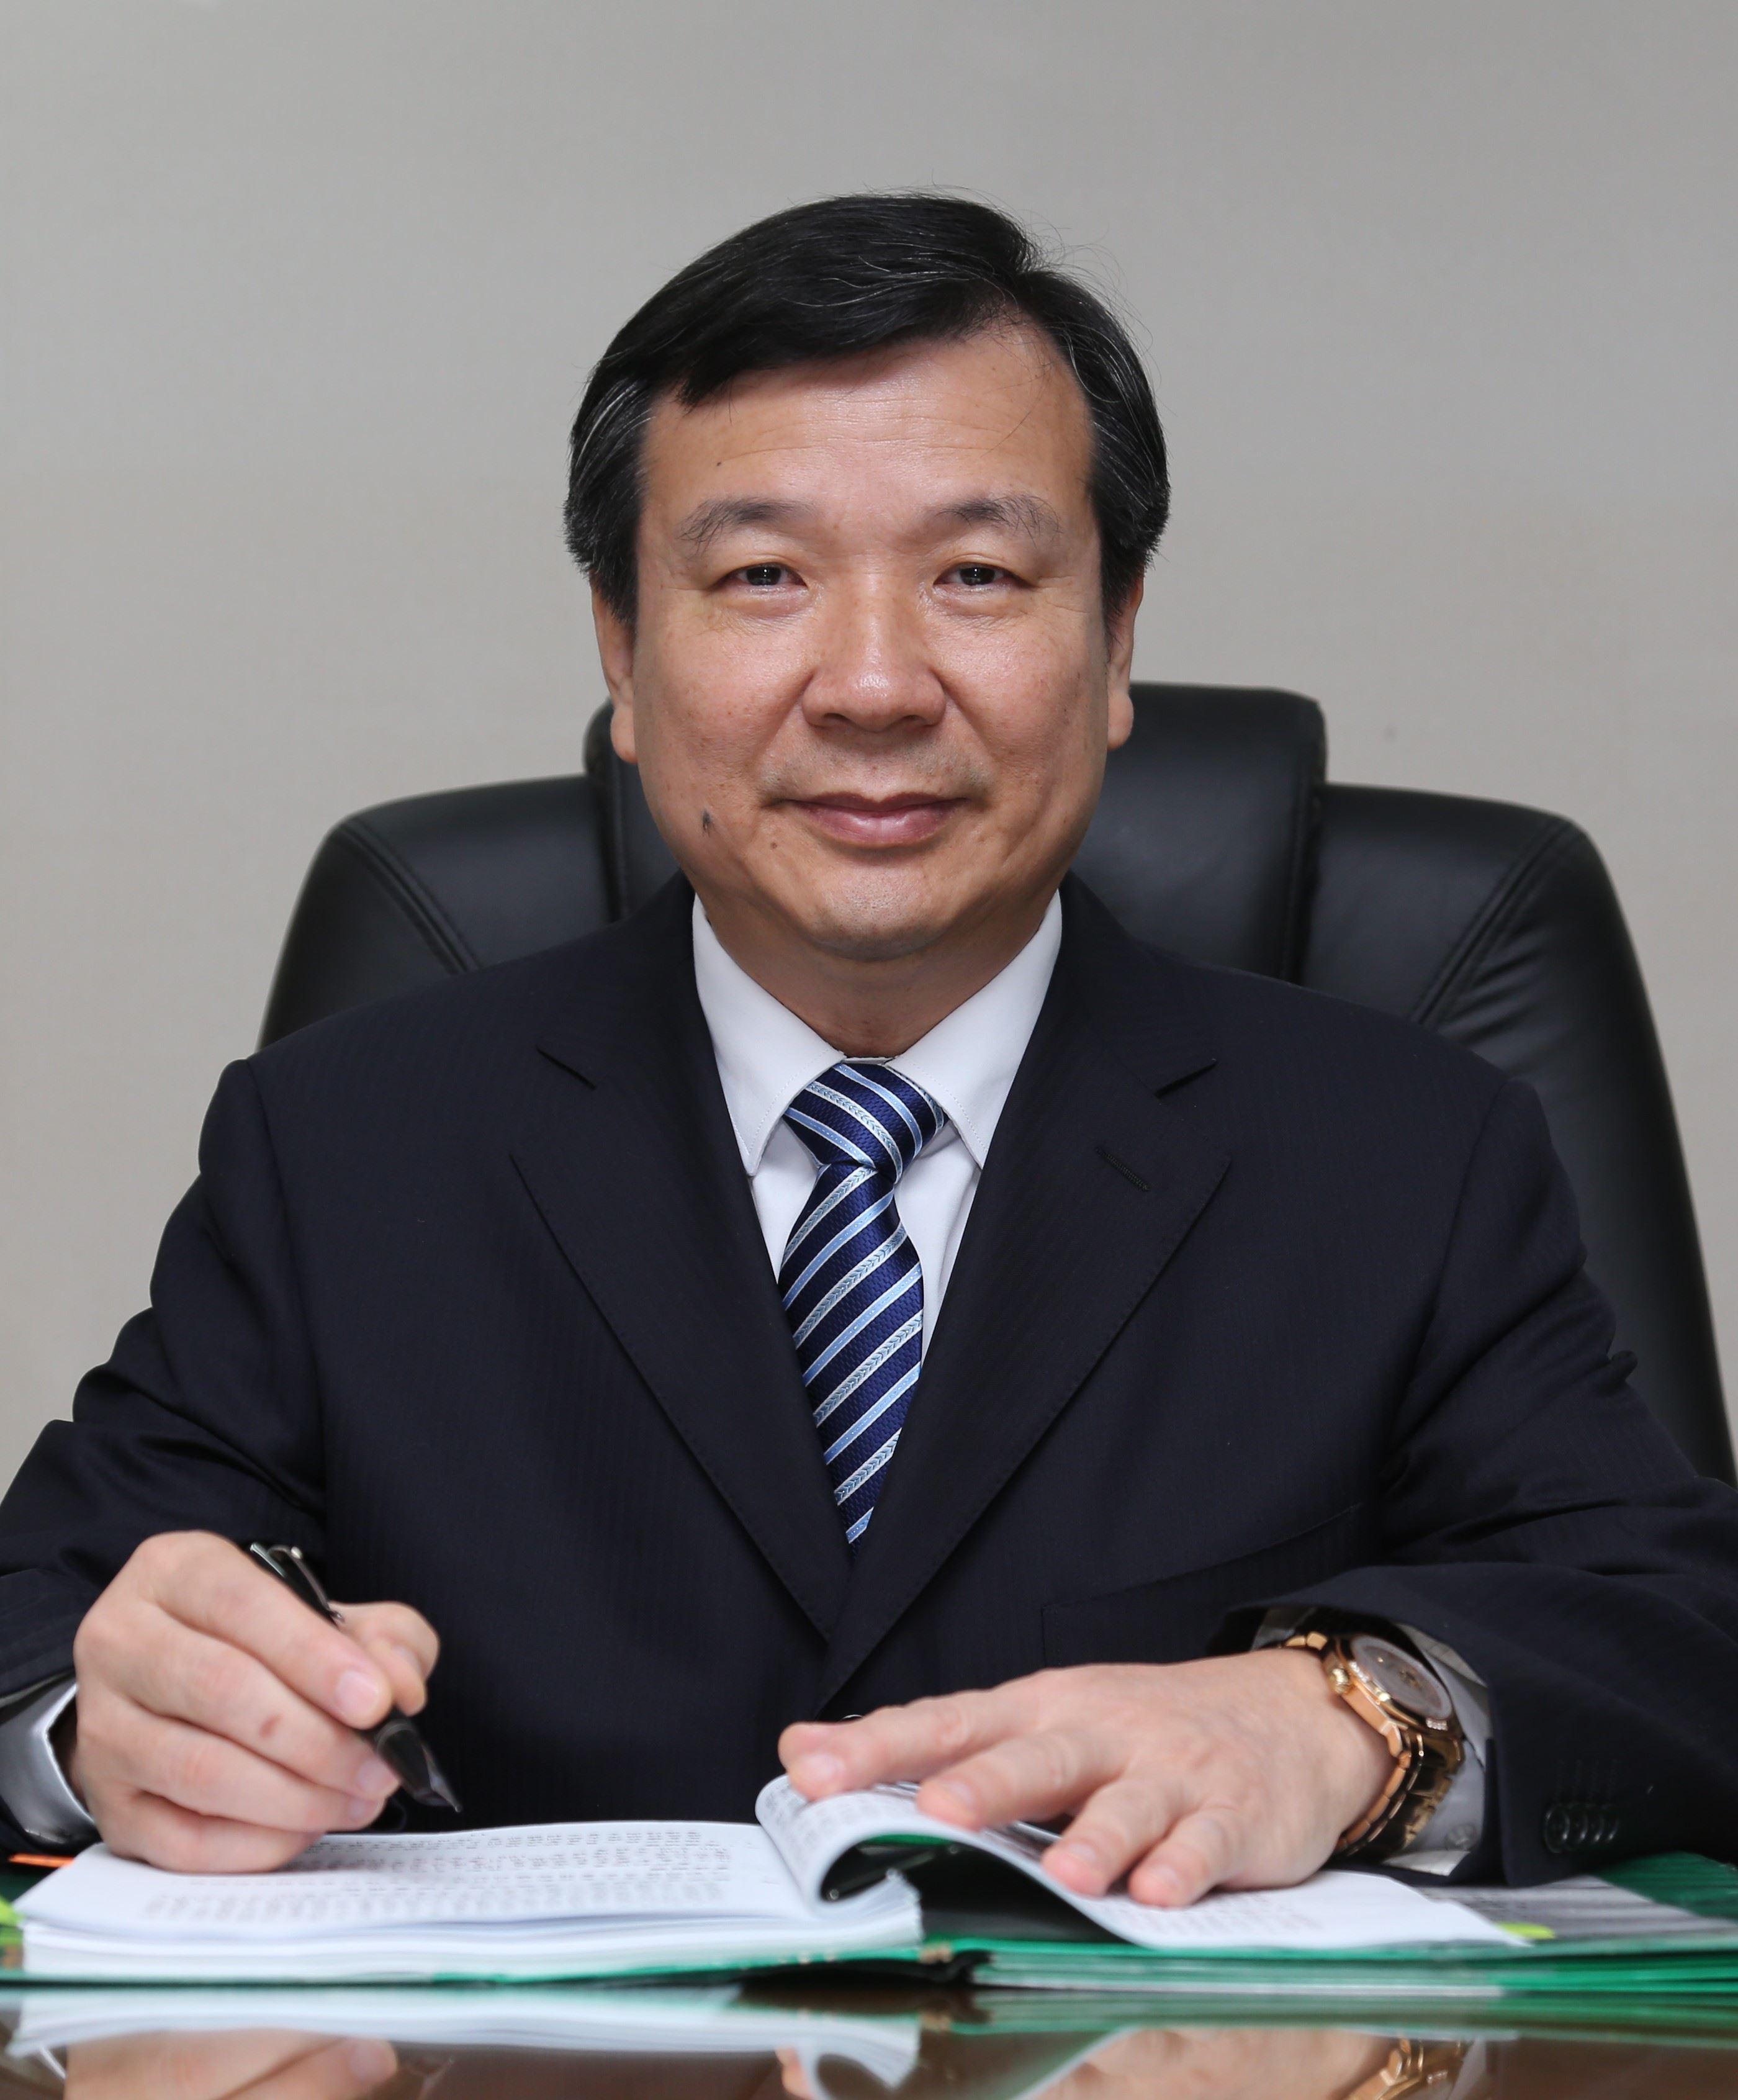 李逸洋先生